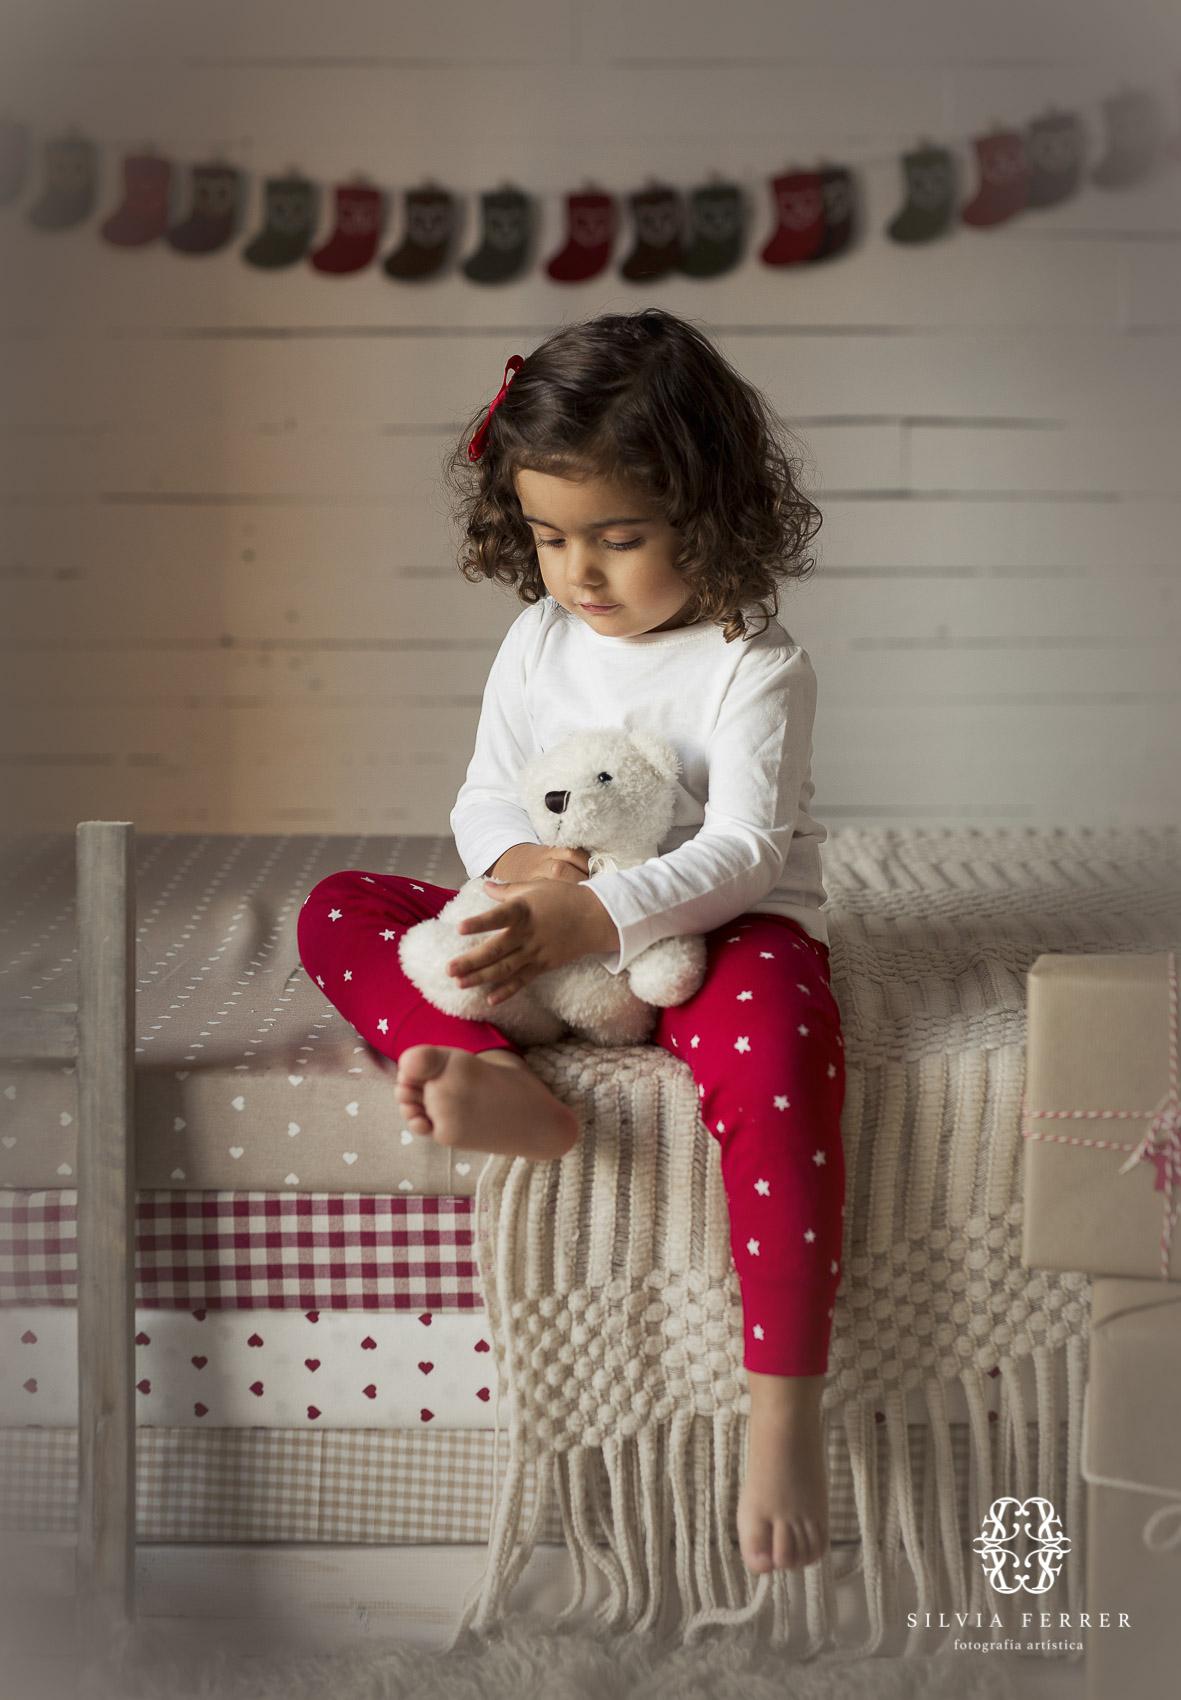 fotos de niños navideñas silvia ferrer